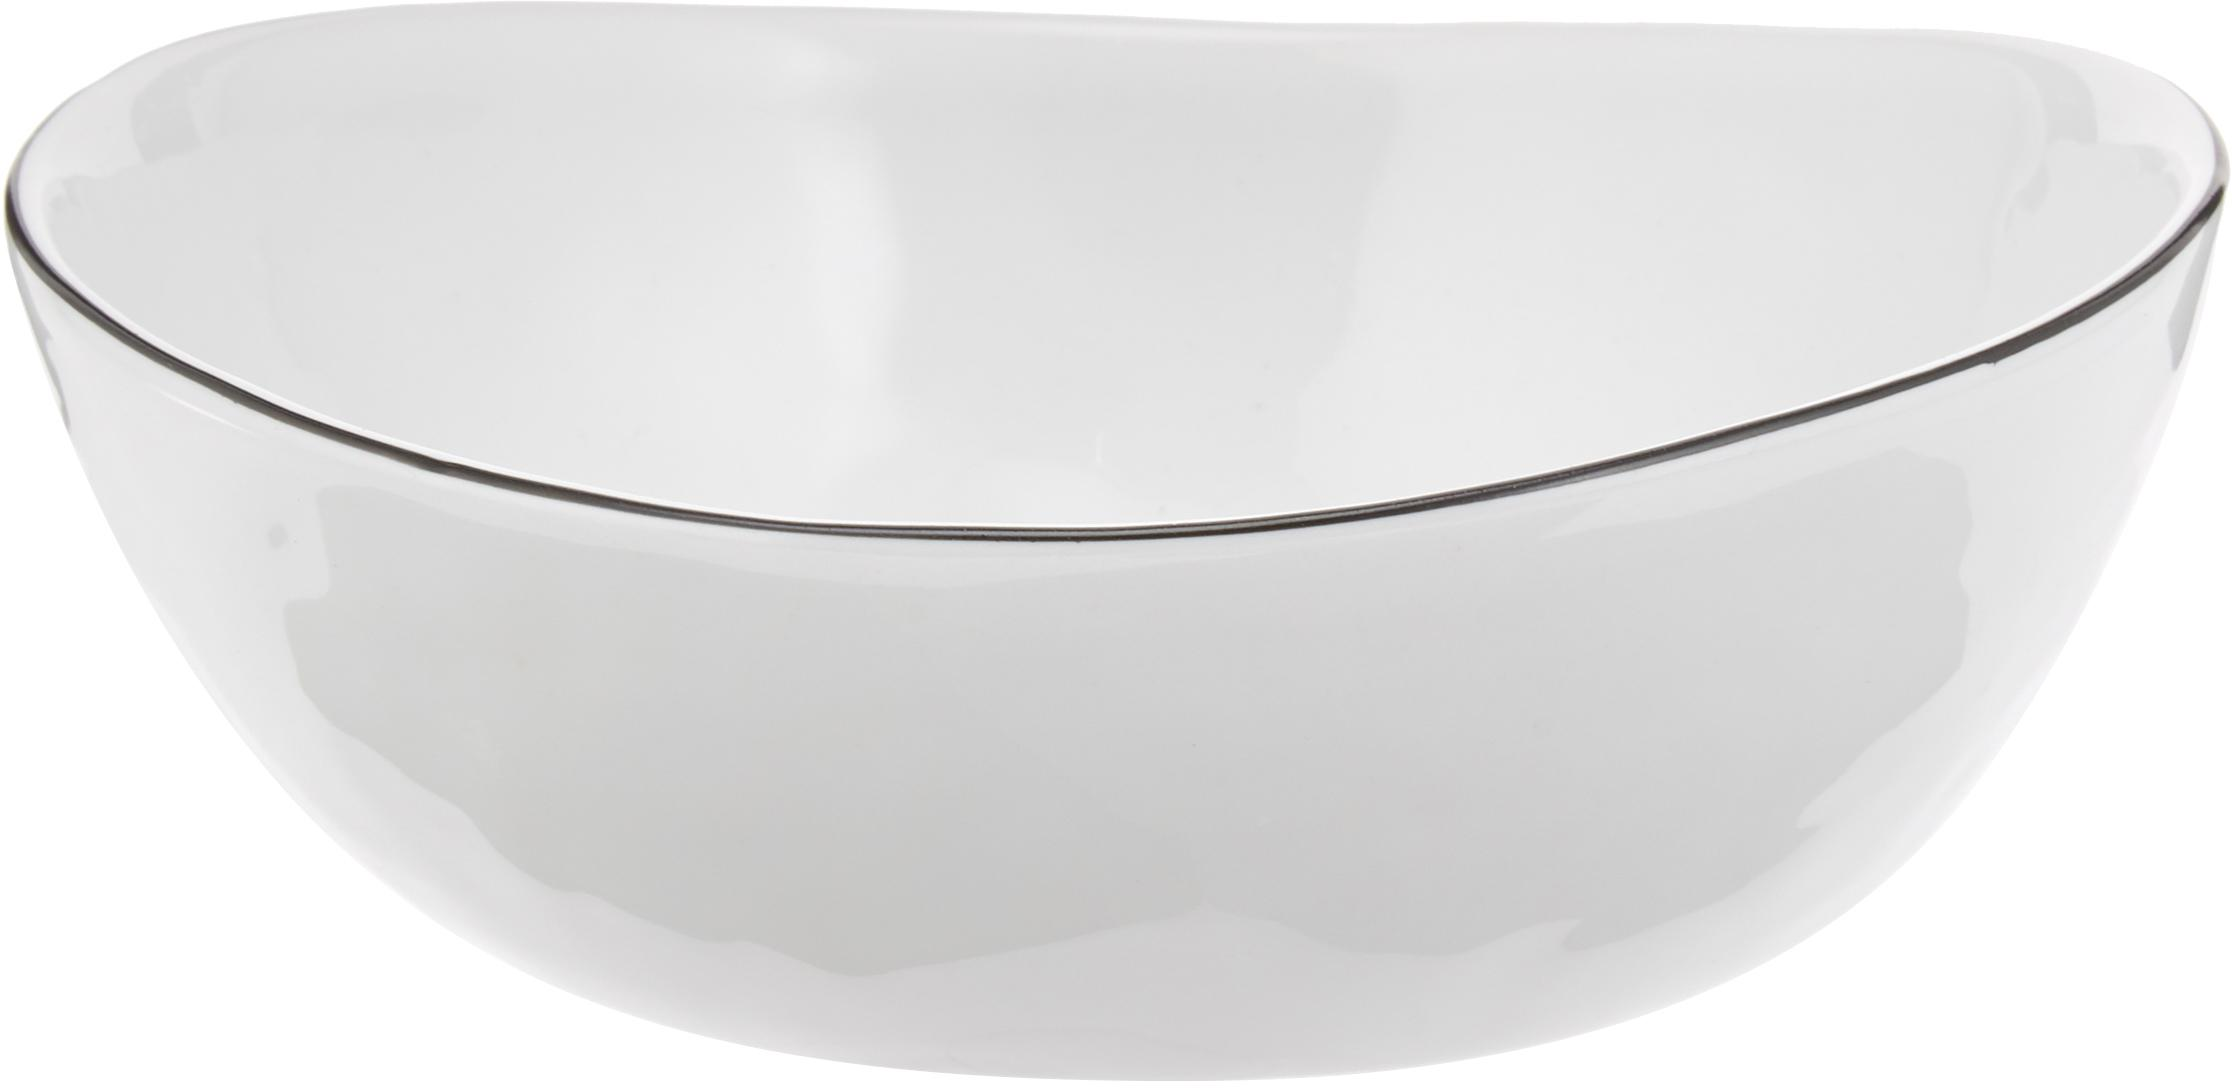 Handgemachte Schalen Salt Ø 17 cm mit schwarzem Rand, 4 Stück, Porzellan, Gebrochenes Weiss, Schwarz, B 17 x T 15 cm